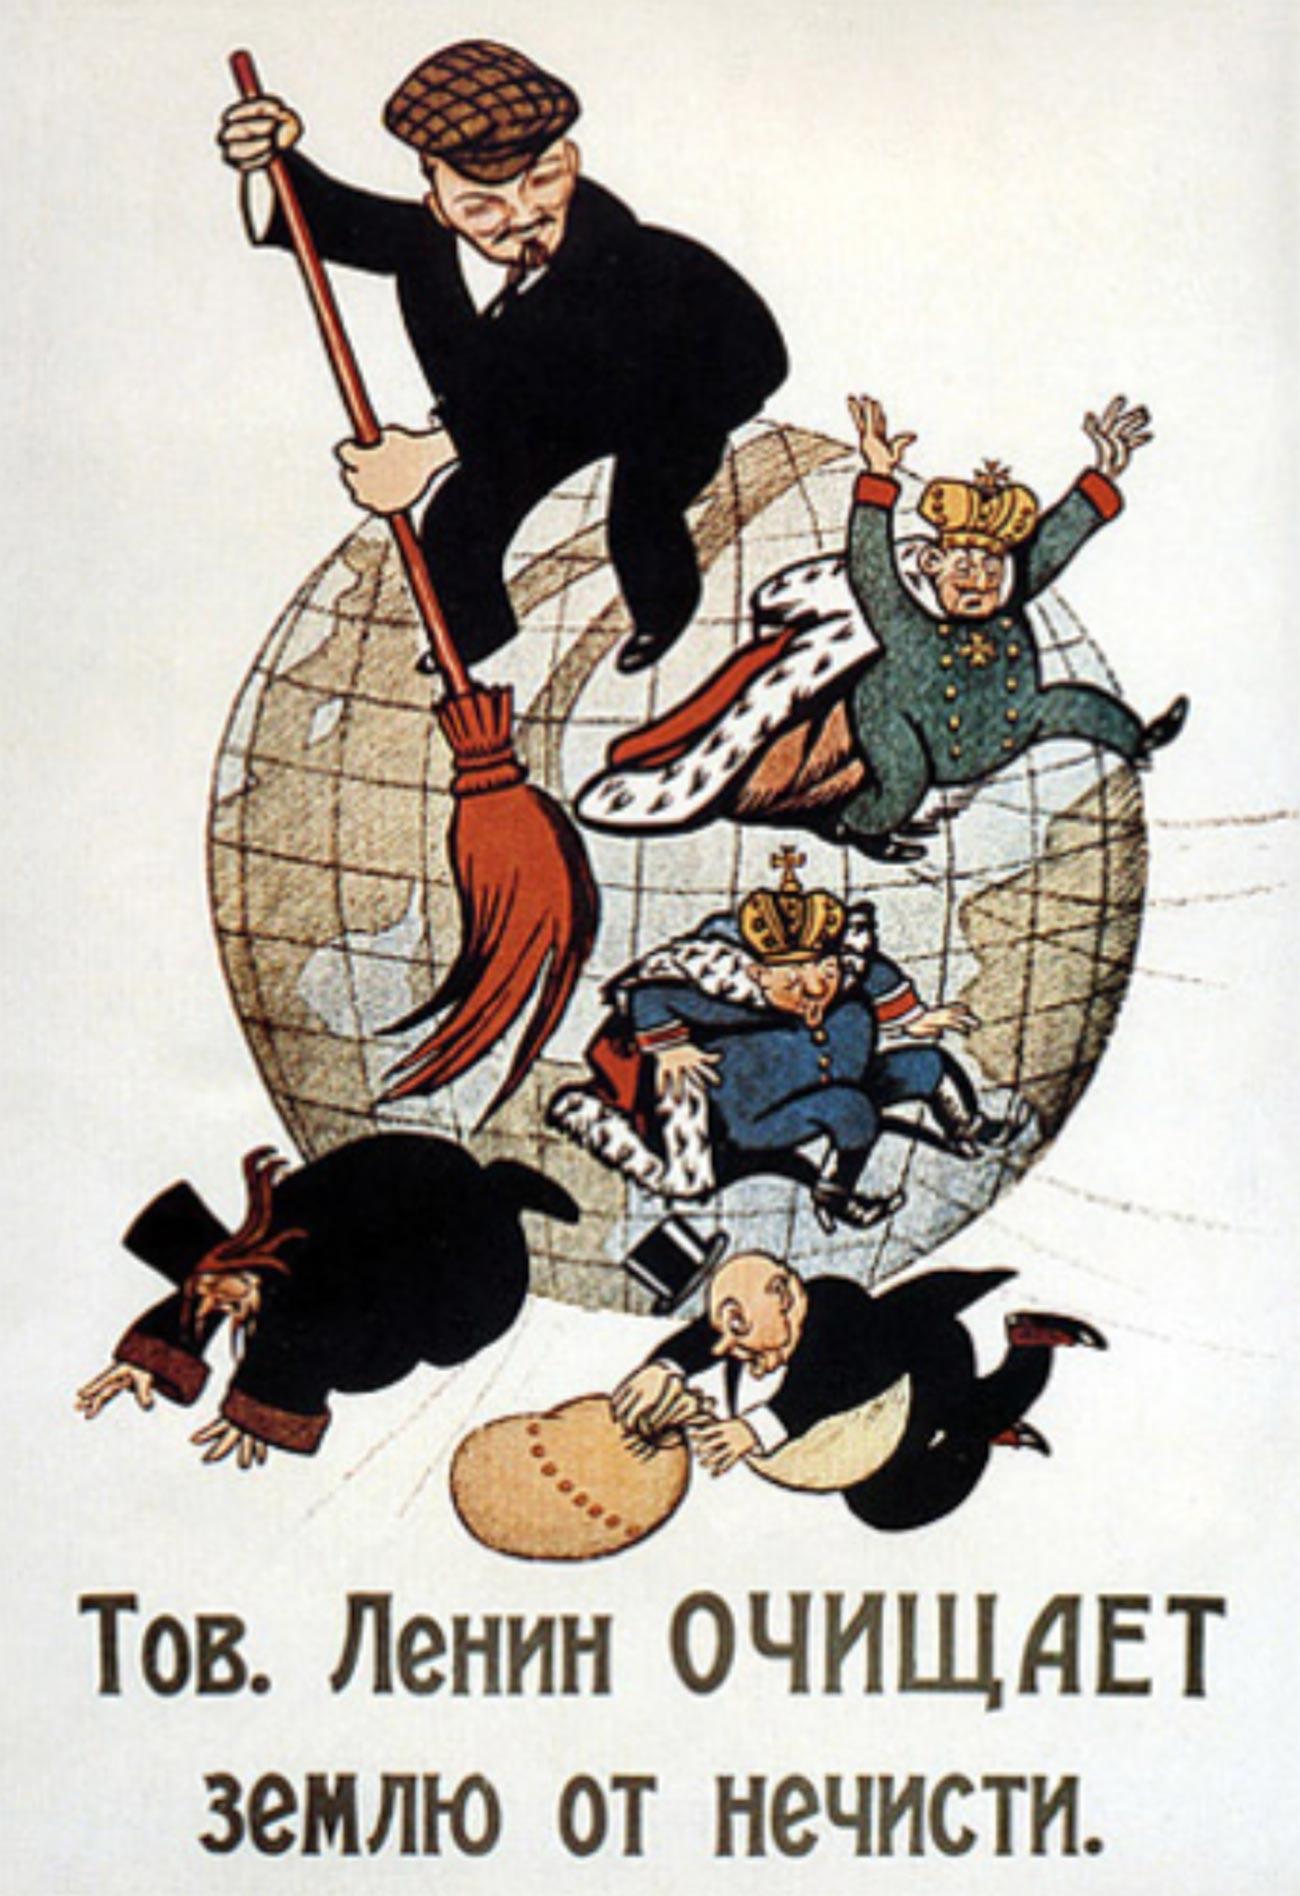 Genosse Lenin reinigt die Welt vom Bösen.